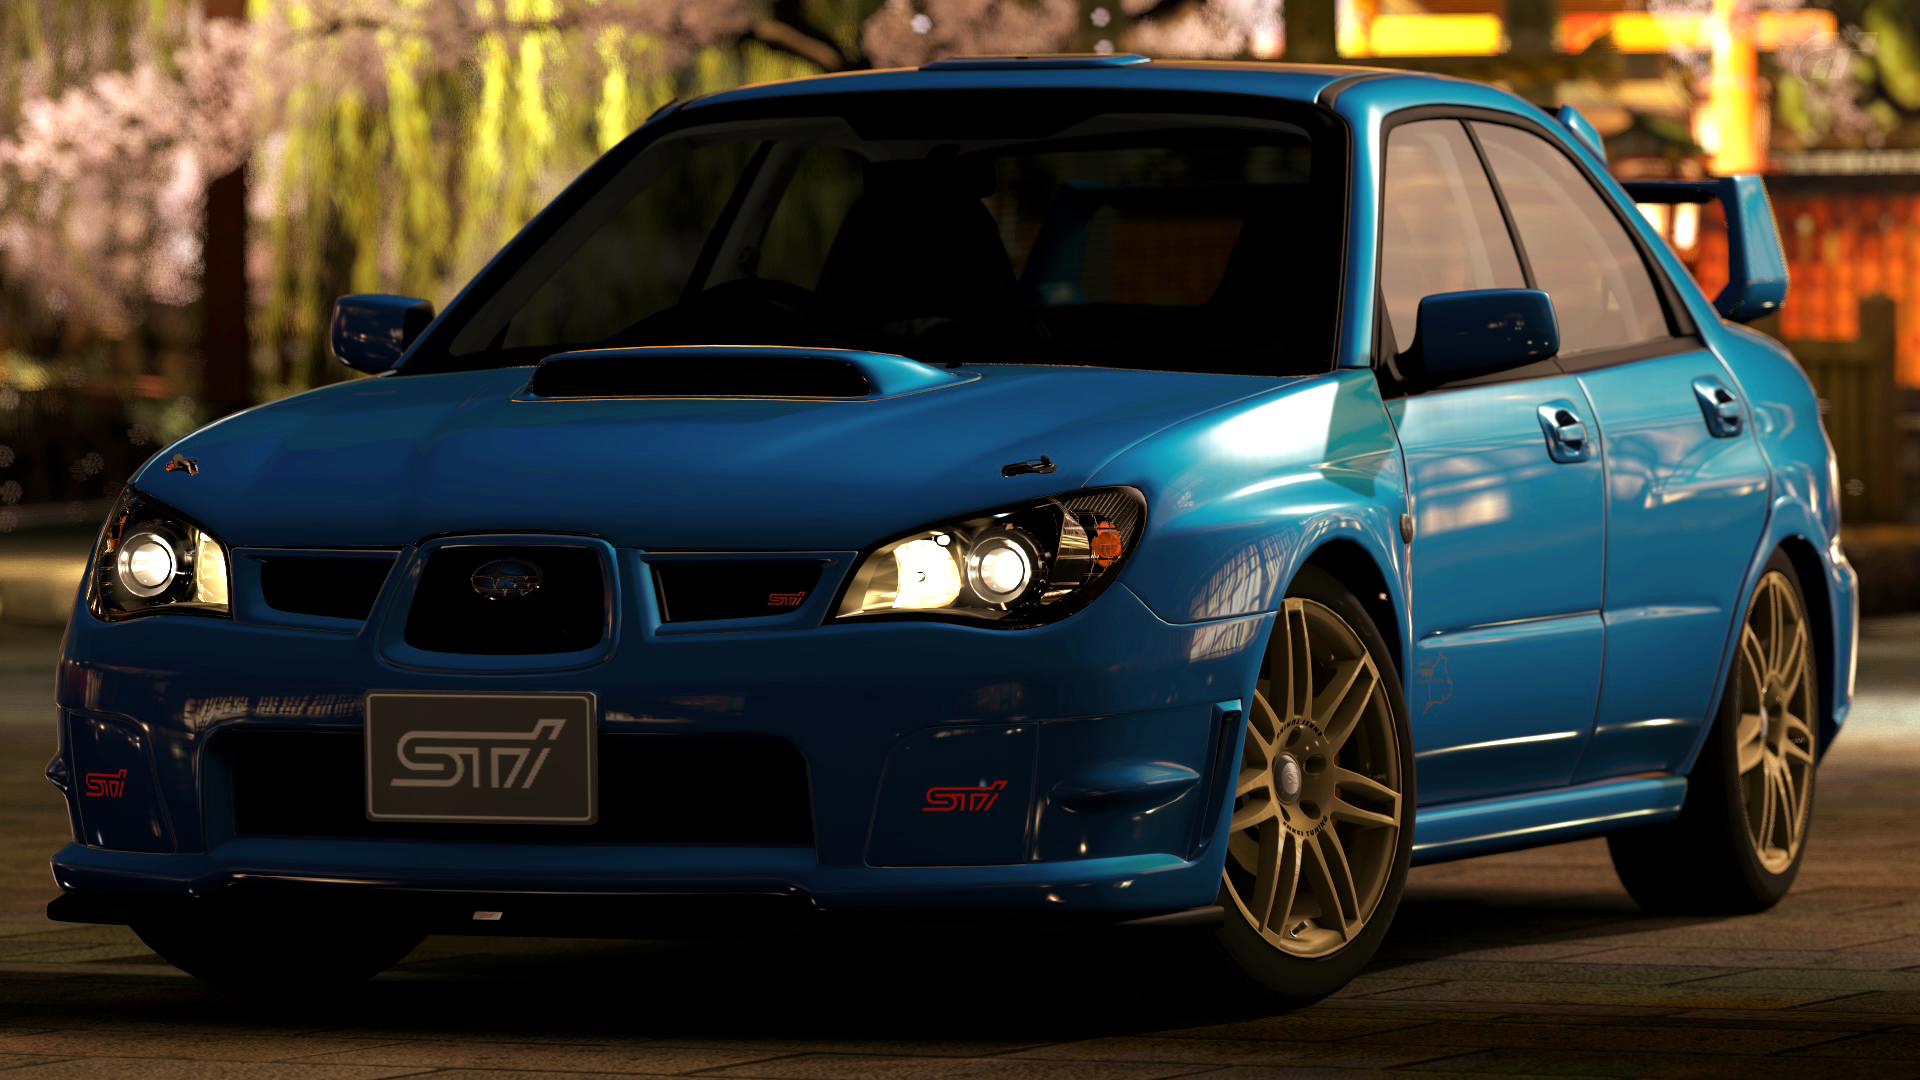 2005 Subaru Impreza WRX STI spec C related infomation